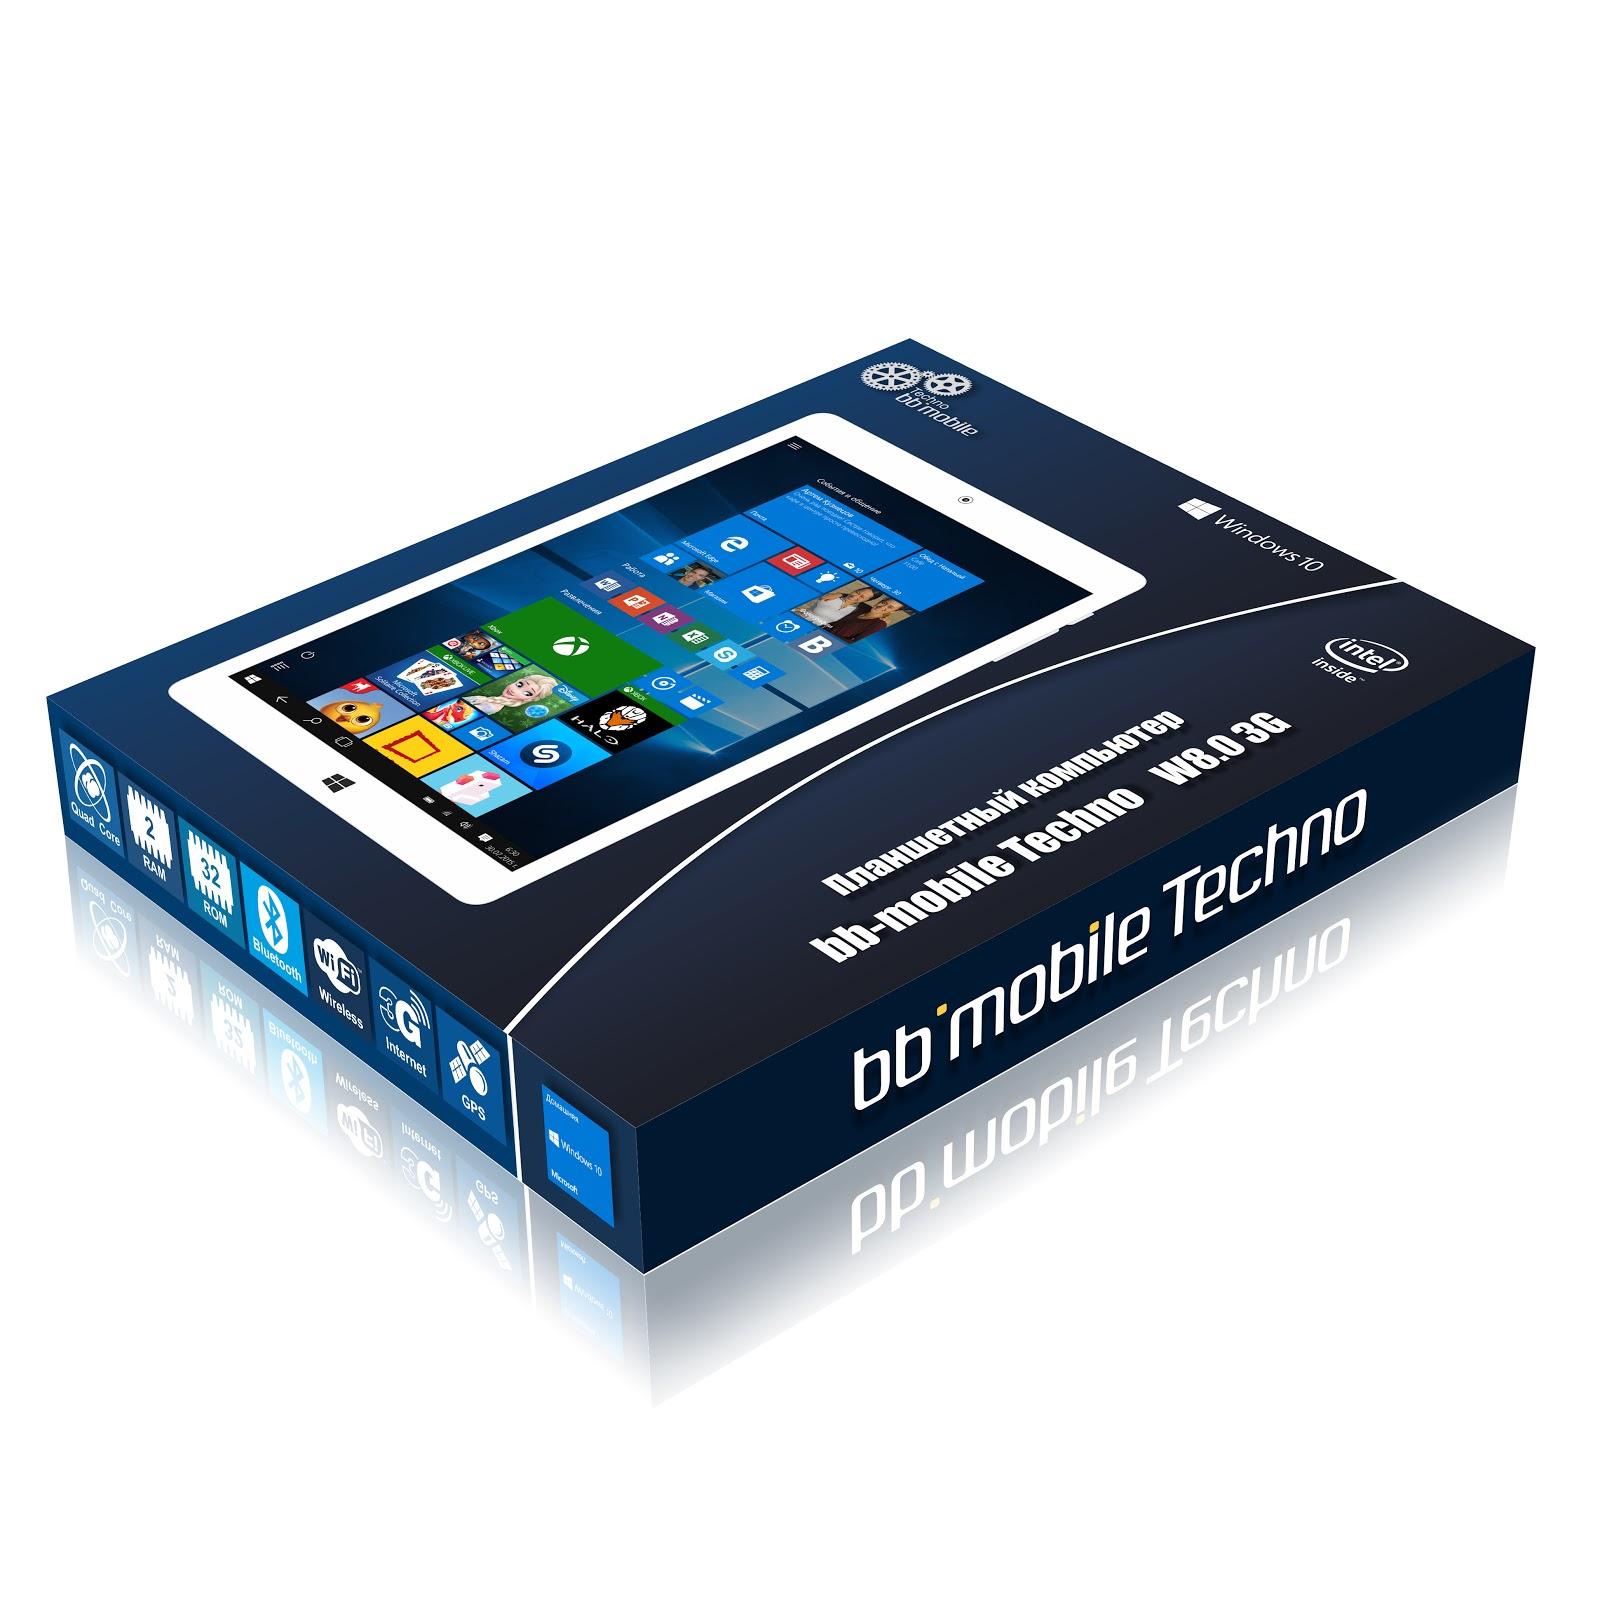 Обзор bb-mobile Techno W8.0 3G (Q800AY): бюджетный 8-дюймовый планшет на Windows 10 с 3G-модемом - 2